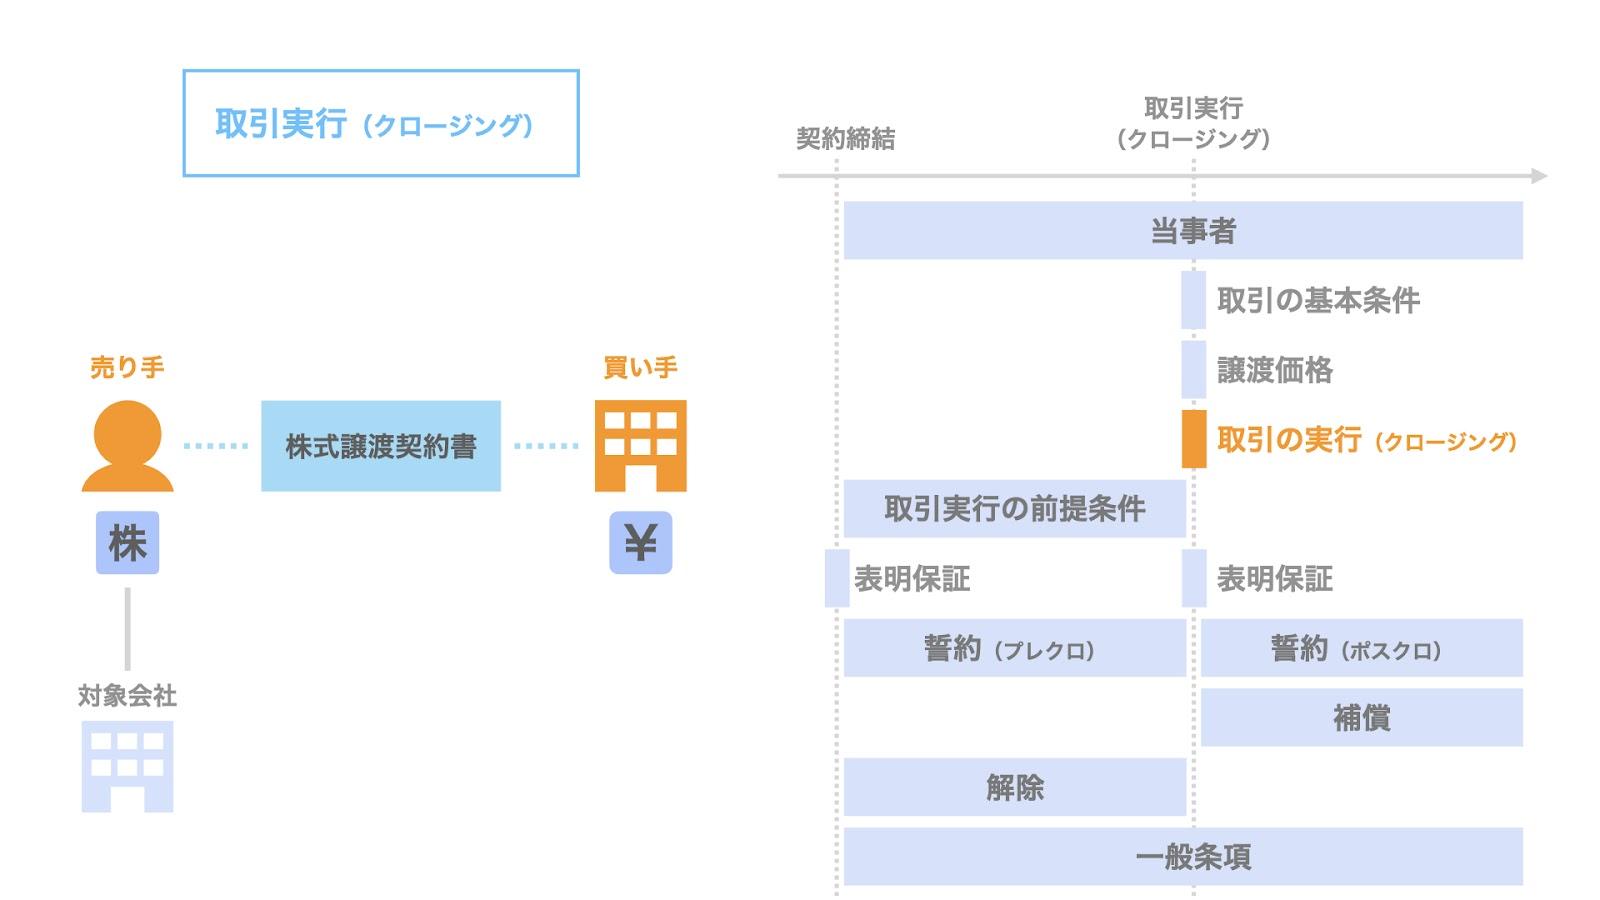 株式譲渡契約における取引の実行(クロージング)